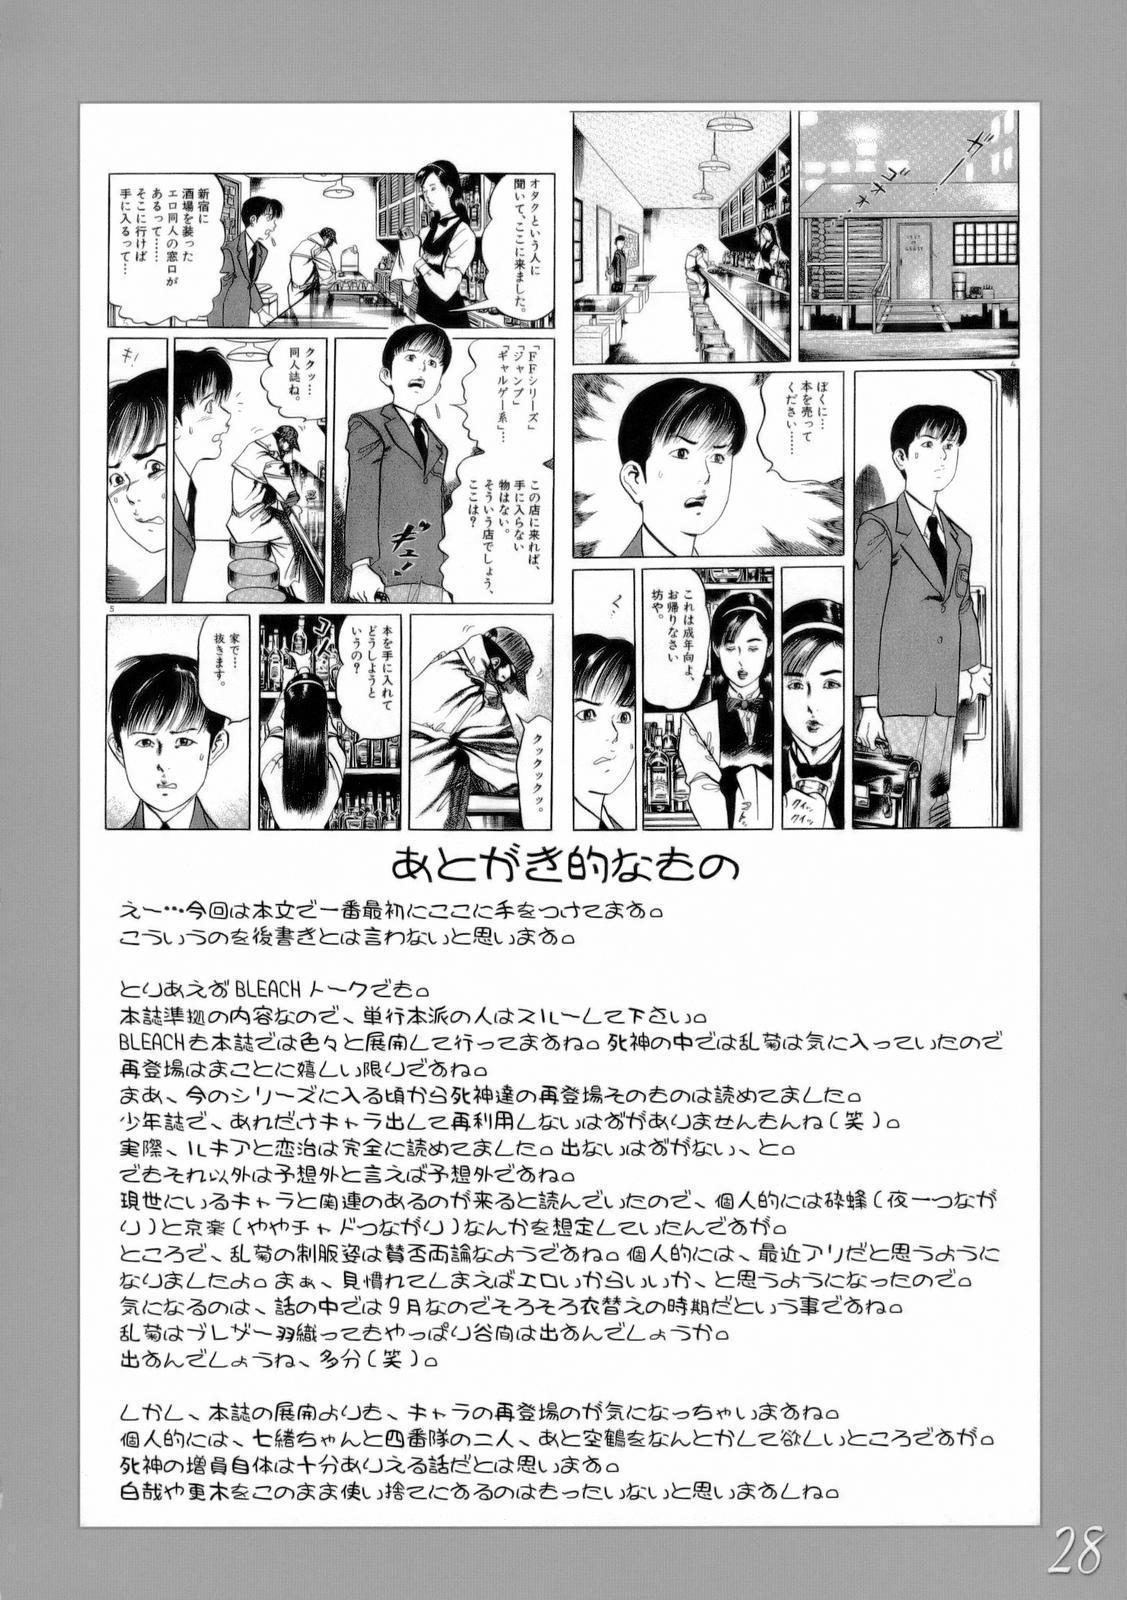 (CT7) [HIGHWAY-SENMU (Maban, Saikoubi)] H-Sen 9 - Erotical Miyasato Bros. (Bleach) [English] {doujin-moe.com} 26